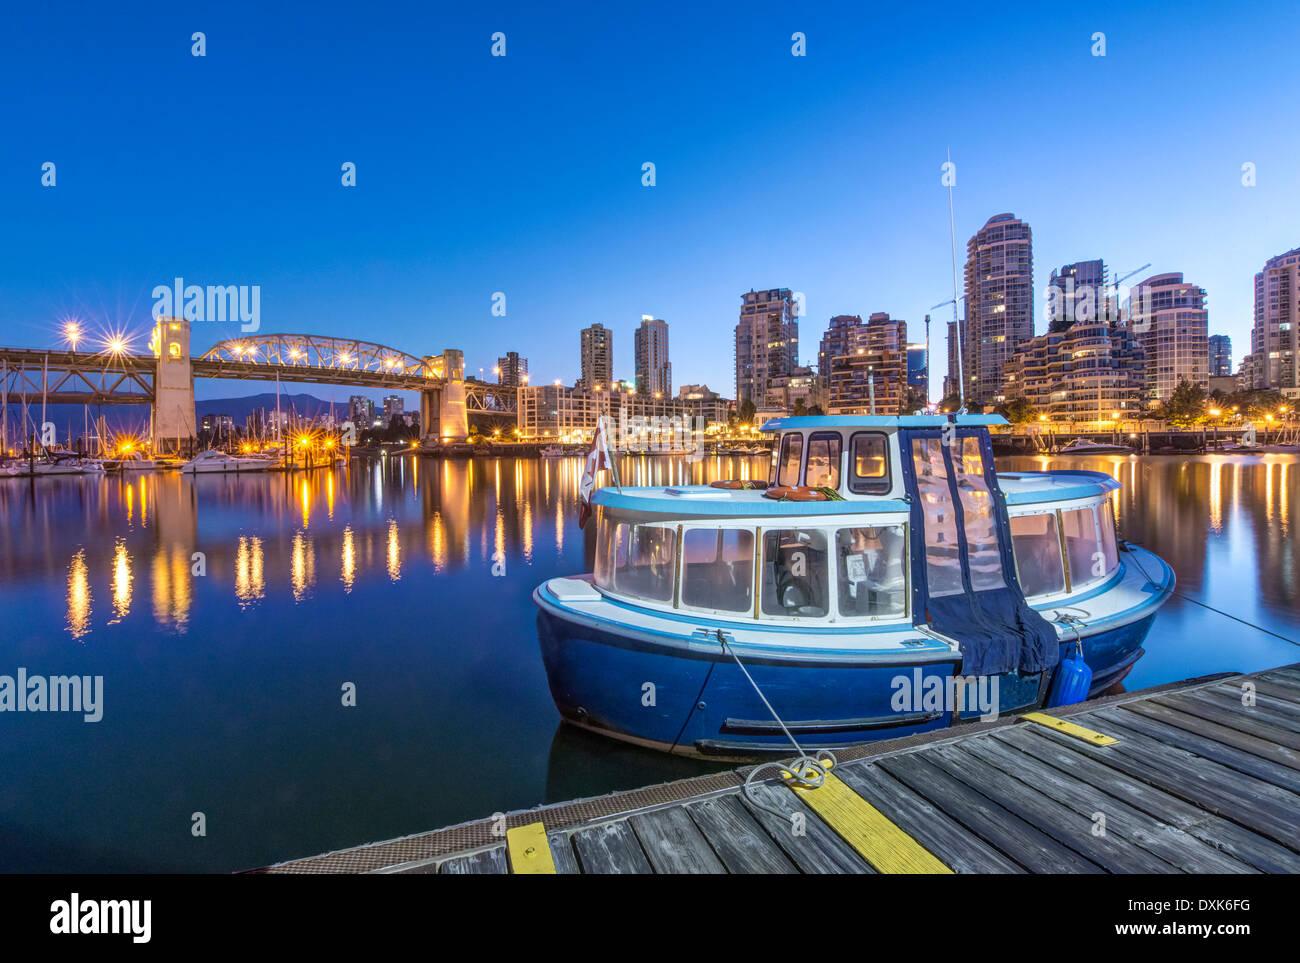 Waterfront Ciudad y el puerto iluminado en la noche, Vancouver, British Columbia, Canadá Imagen De Stock